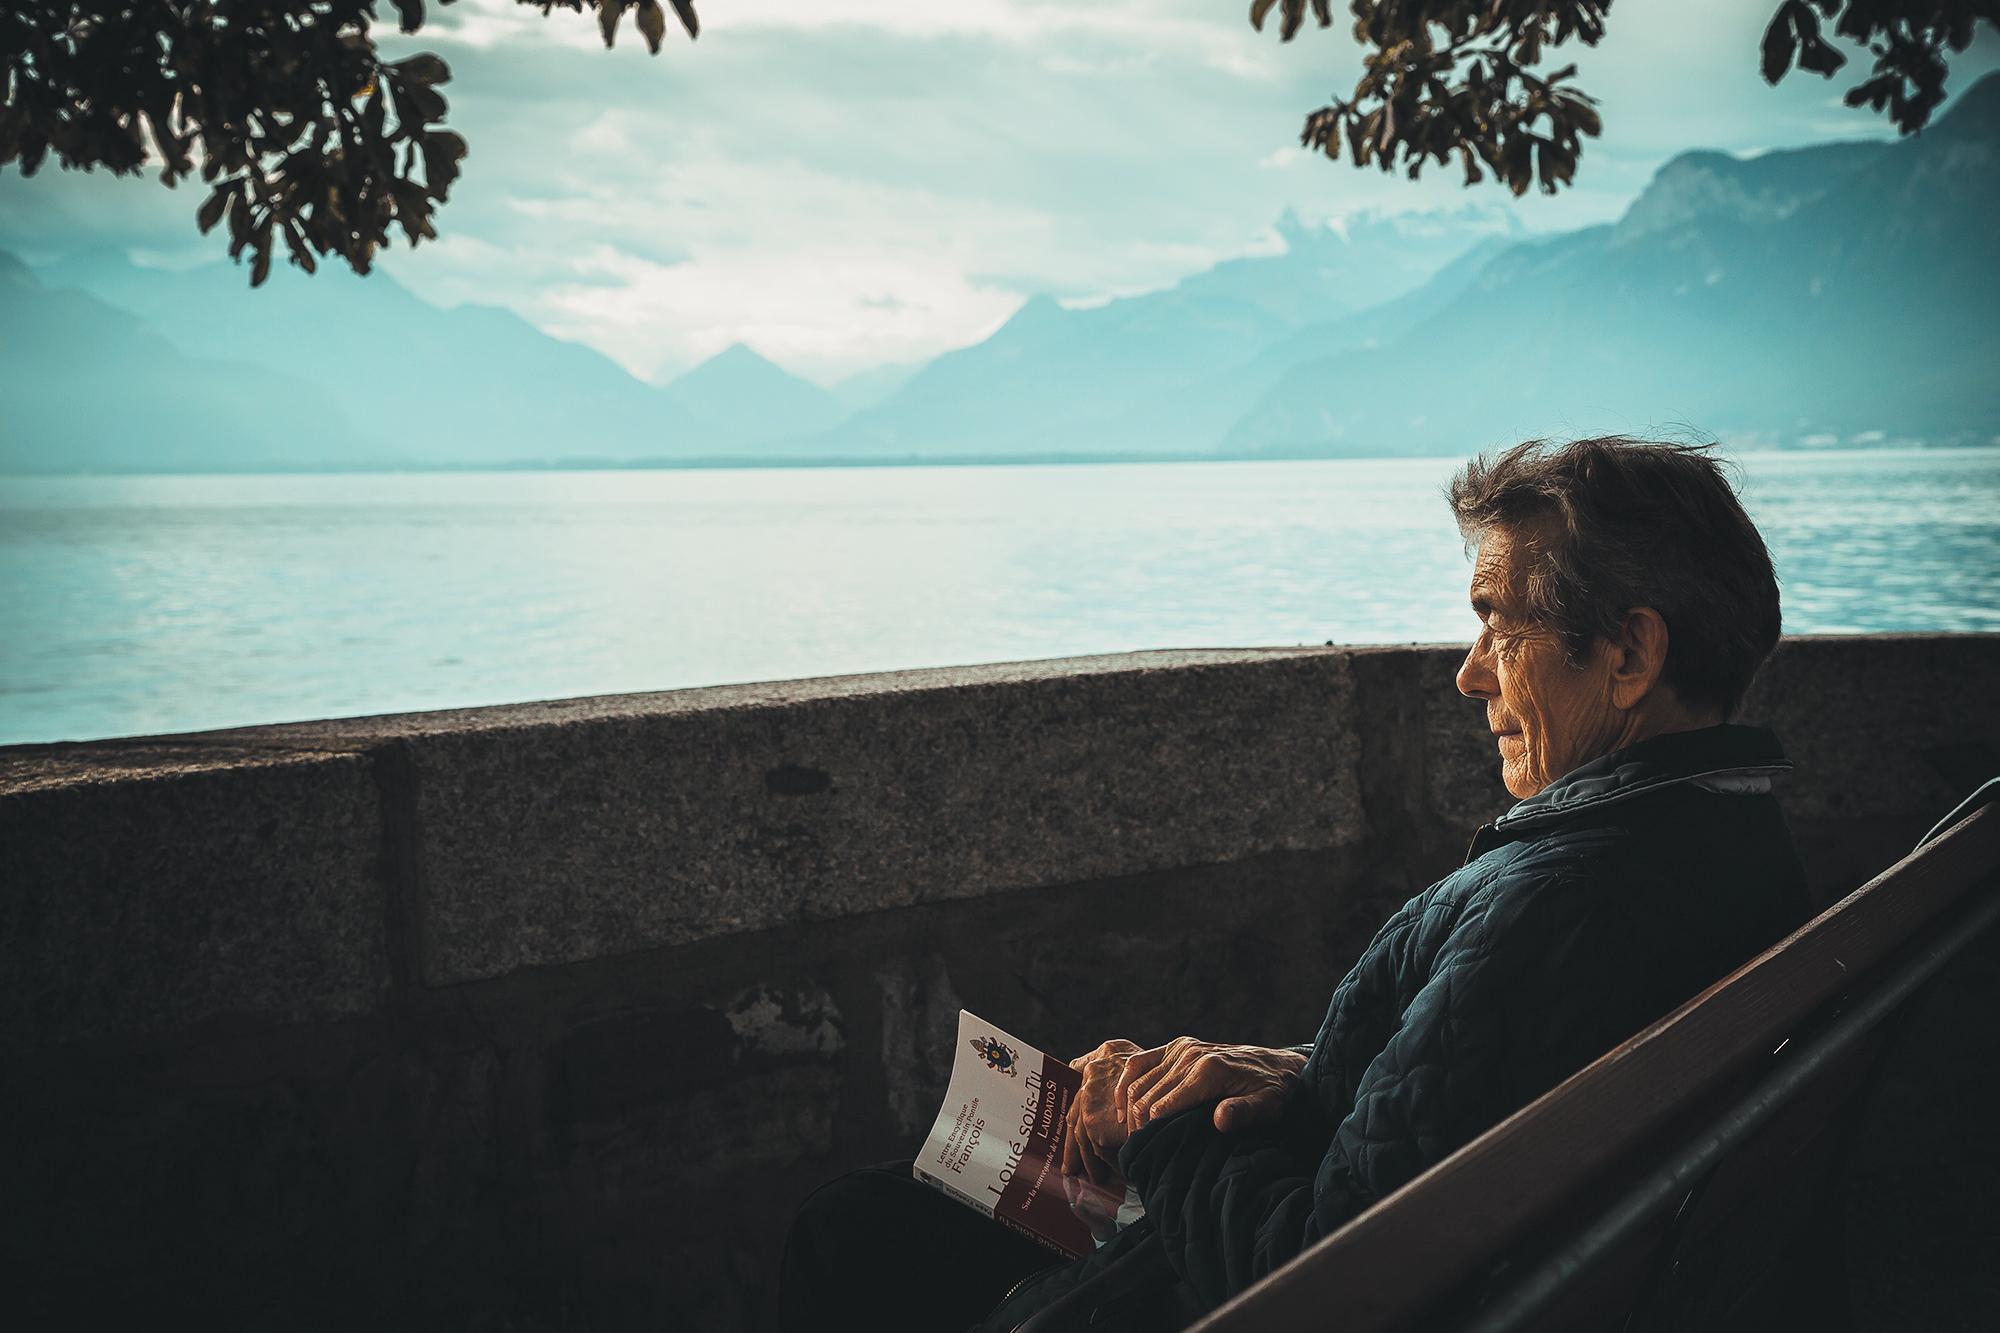 Man Reading by Lake